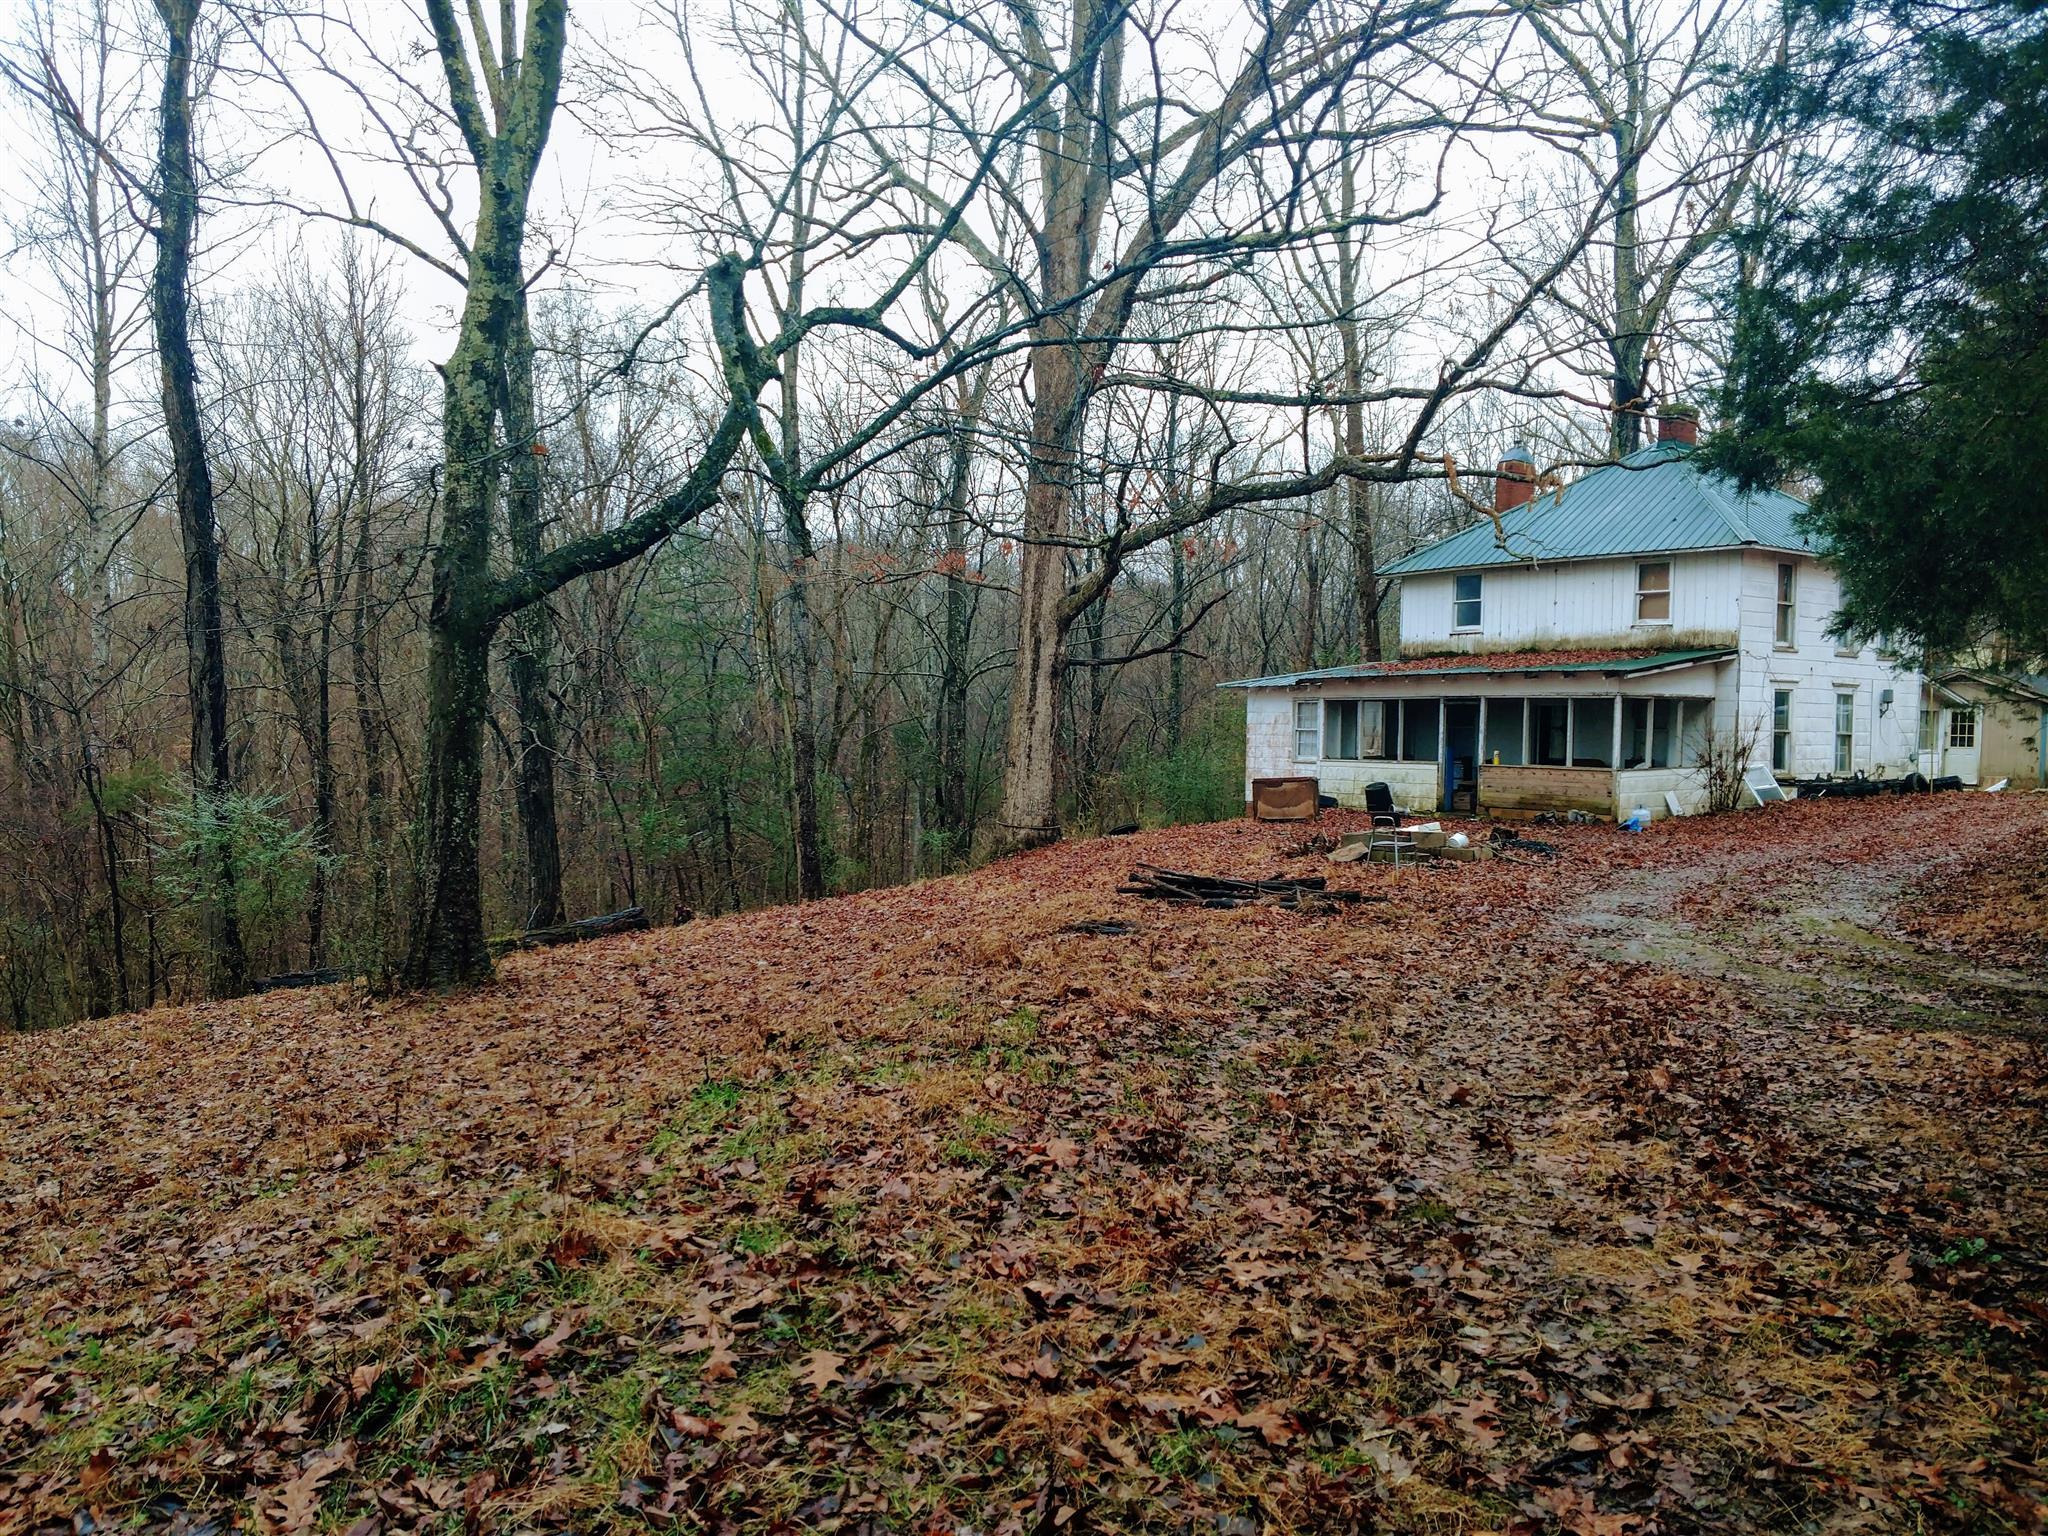 7798 Wrigley Rd, Lyles, TN 37098 - Lyles, TN real estate listing